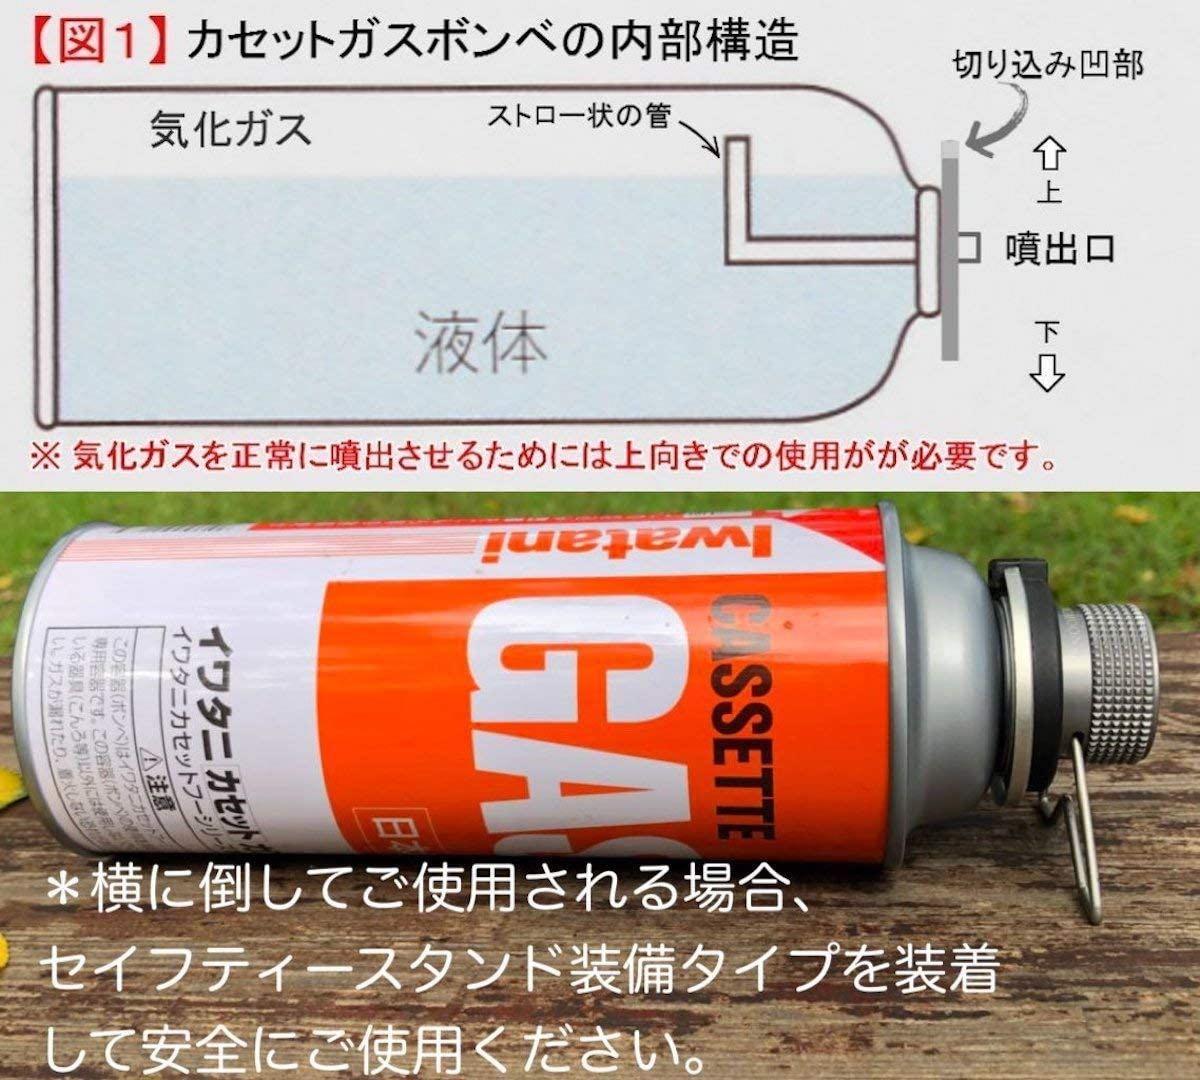 キャンピングムーン CAMPING MOON OD缶CB缶へ 互換アダプター 変換アダプター エバニュー